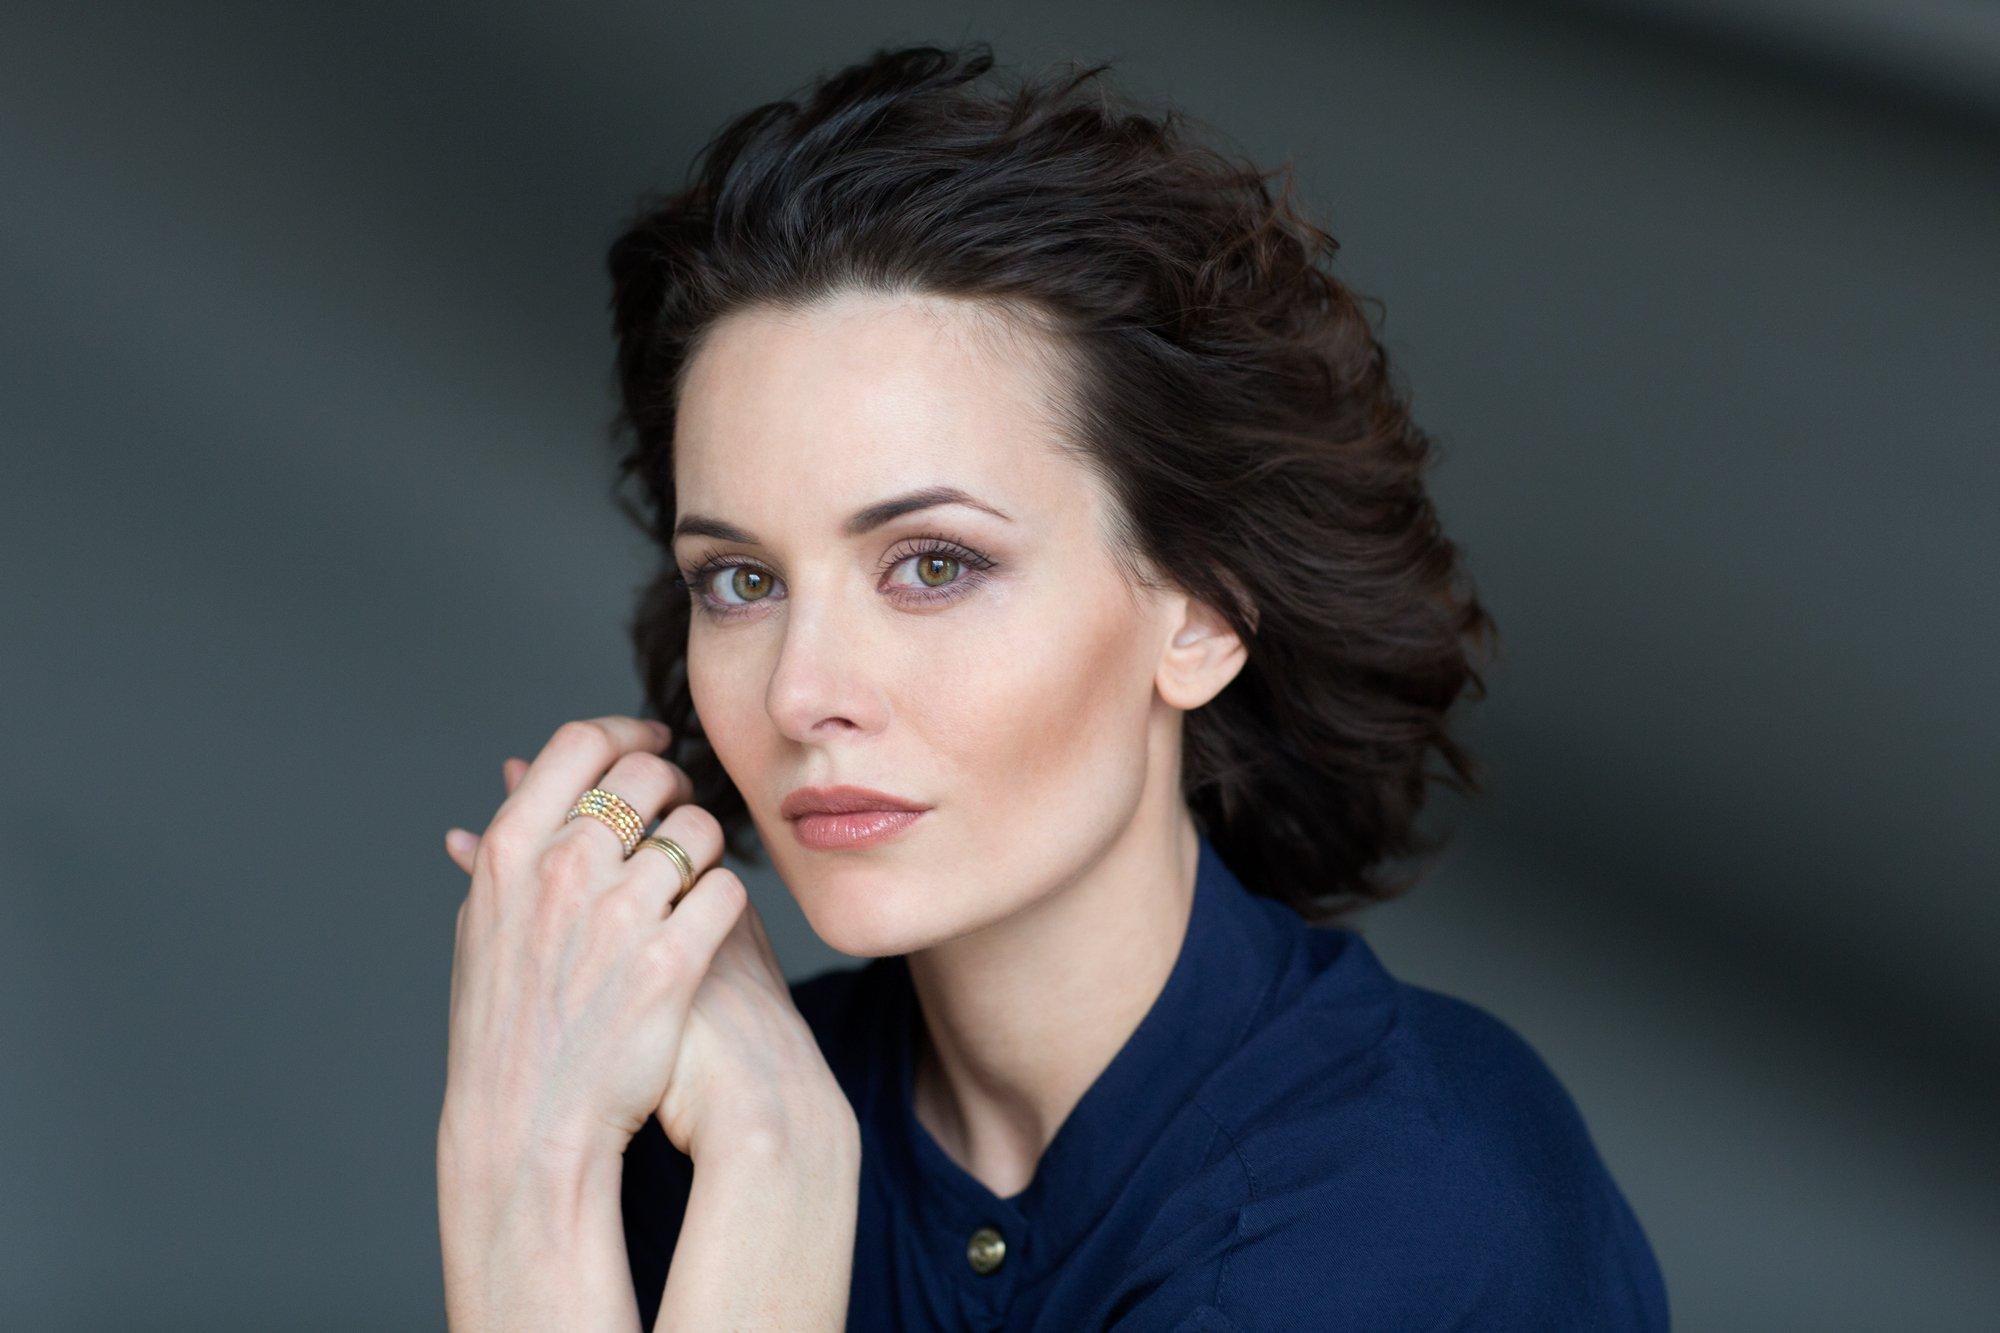 олькина екатерина актриса фото